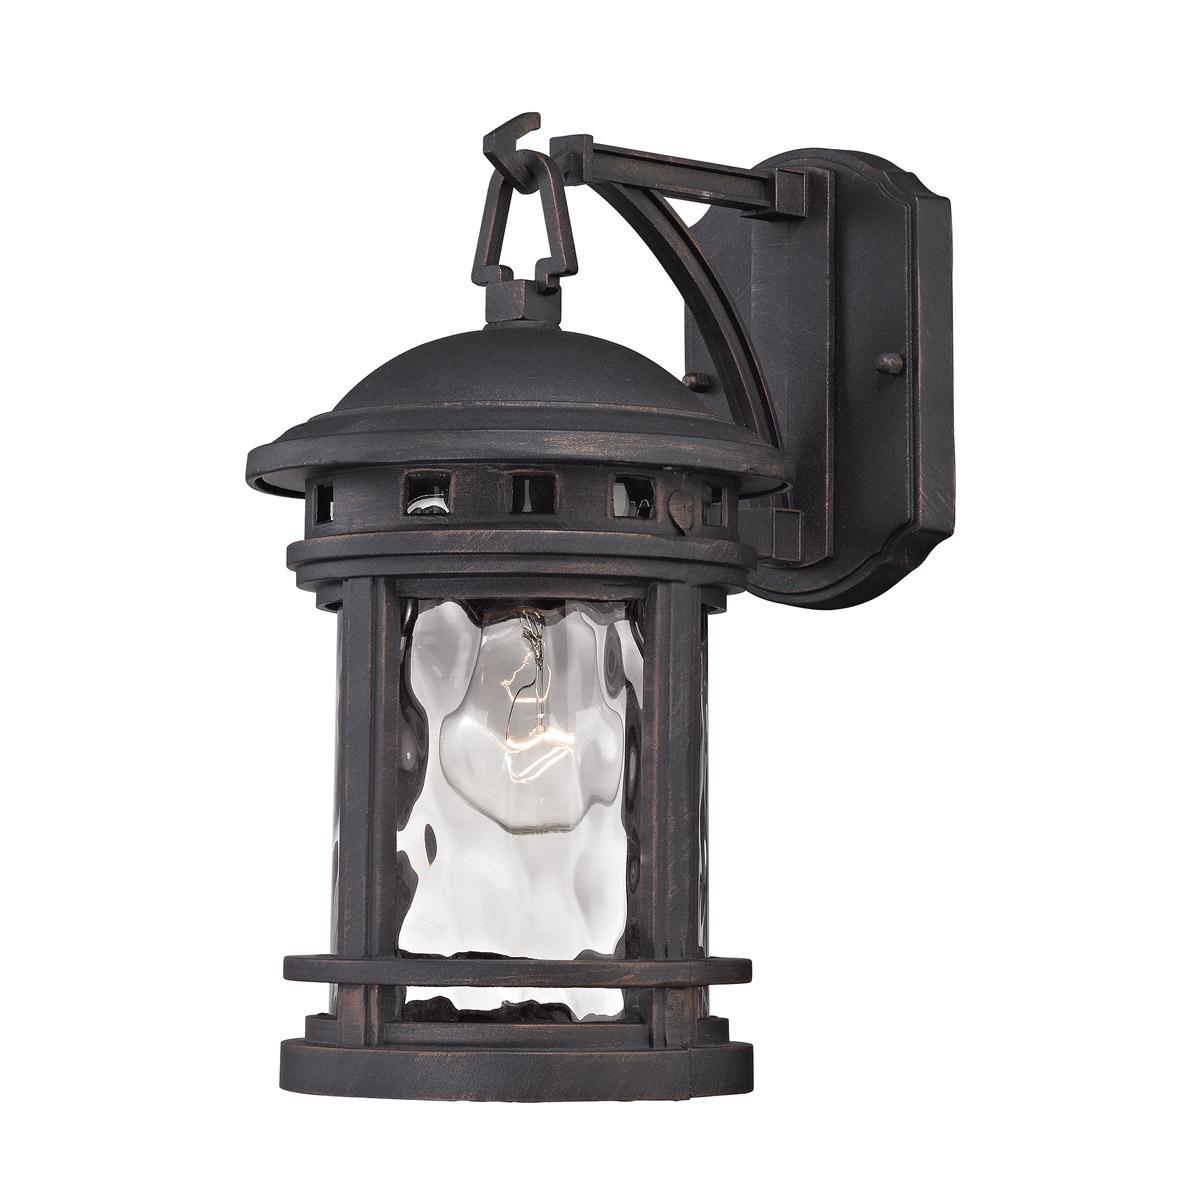 ELK Lighting Costa Mesa 45110 Outdoor Light Fixtures Brooklyn,New York- Accentuations Brand